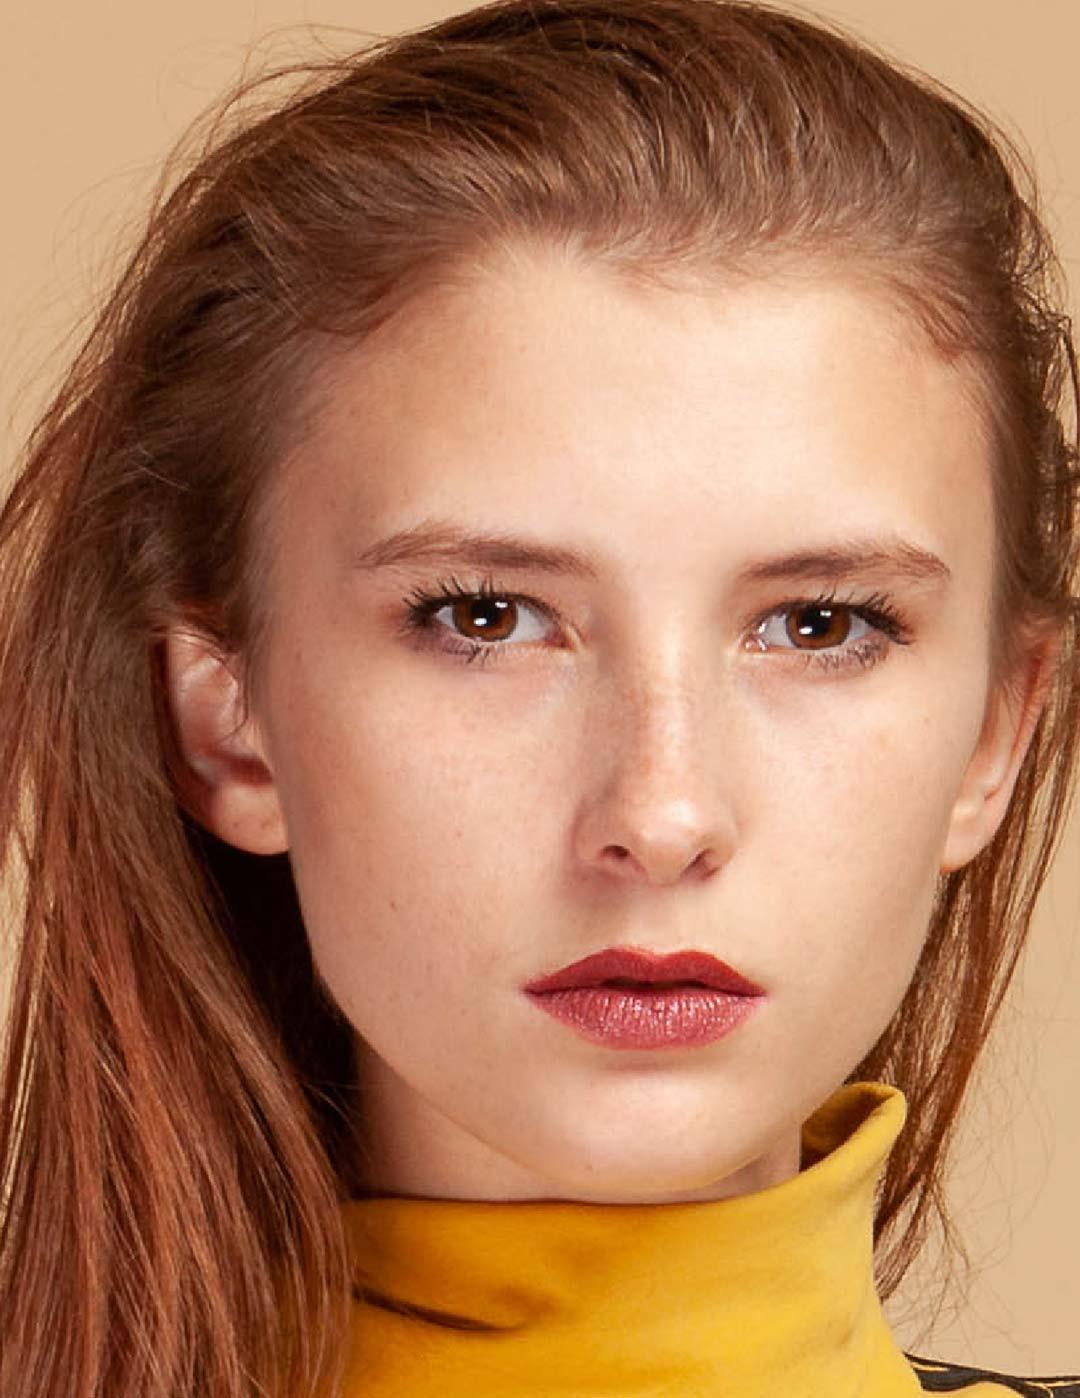 jade trisdale shot for models & images wichita test shoot